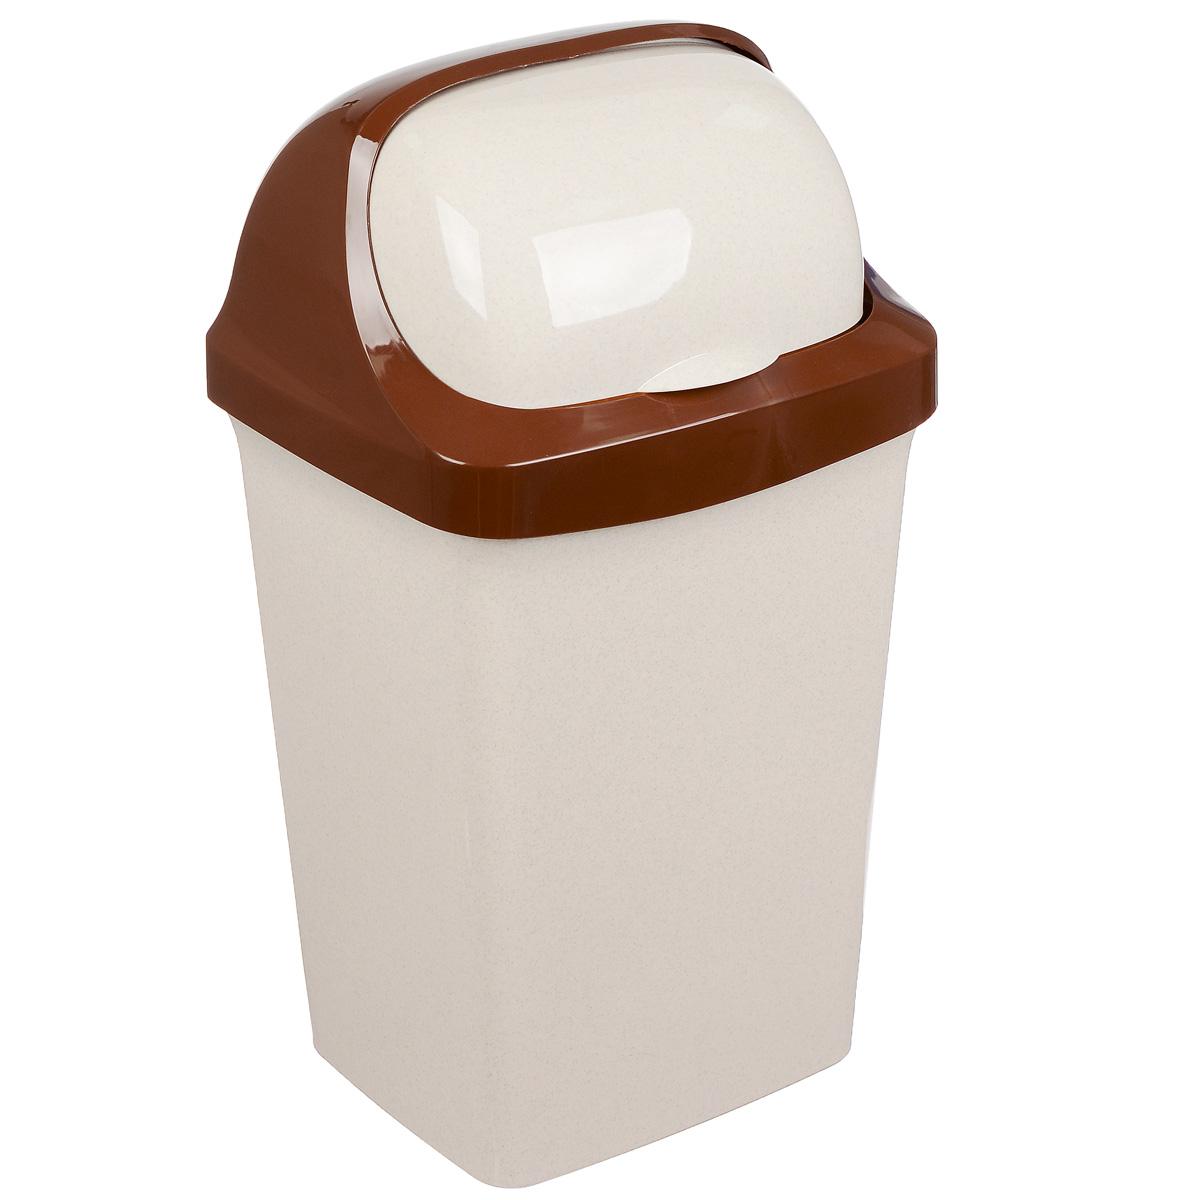 Контейнер для мусора Idea Ролл Топ, цвет: бежевый мрамор, 25 л68/5/4Контейнер для мусора Idea Ролл Топ изготовлен из прочного полипропилена (пластика). Контейнер снабжен удобной съемной крышкой с подвижной перегородкой. Благодаря лаконичному дизайну такой контейнер идеально впишется в интерьер и дома, и офиса.